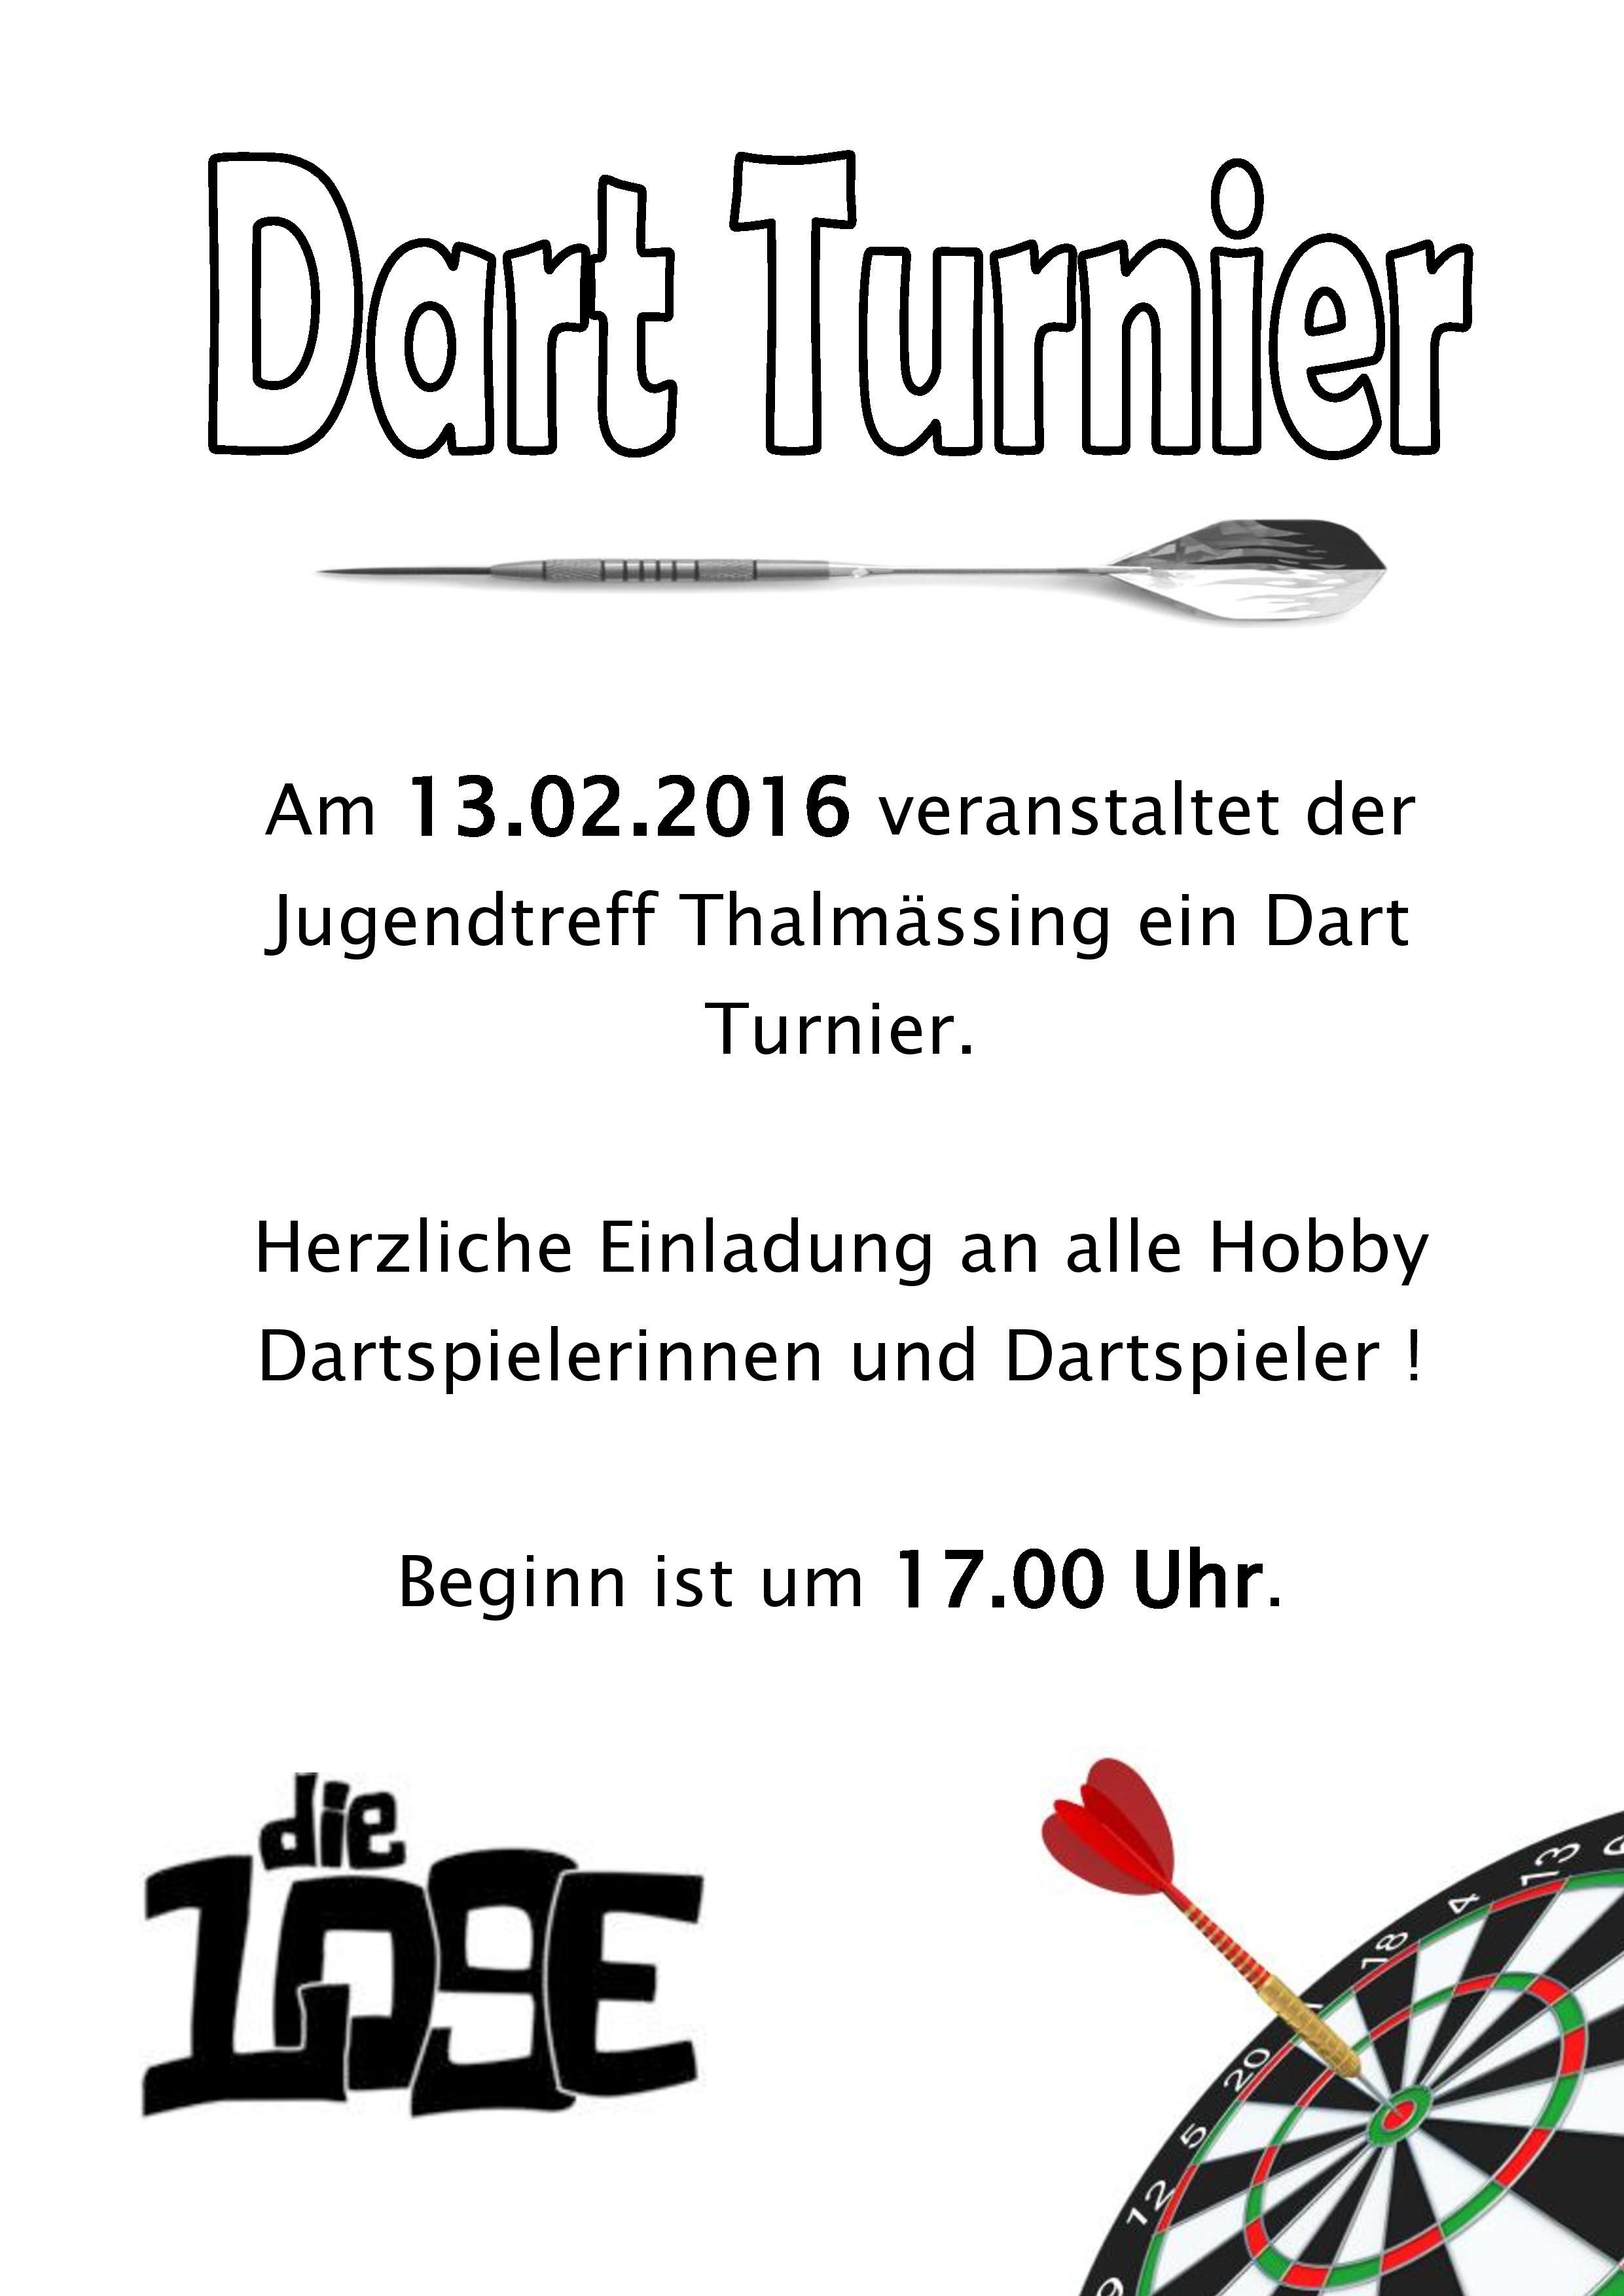 Dart Turnier 2016